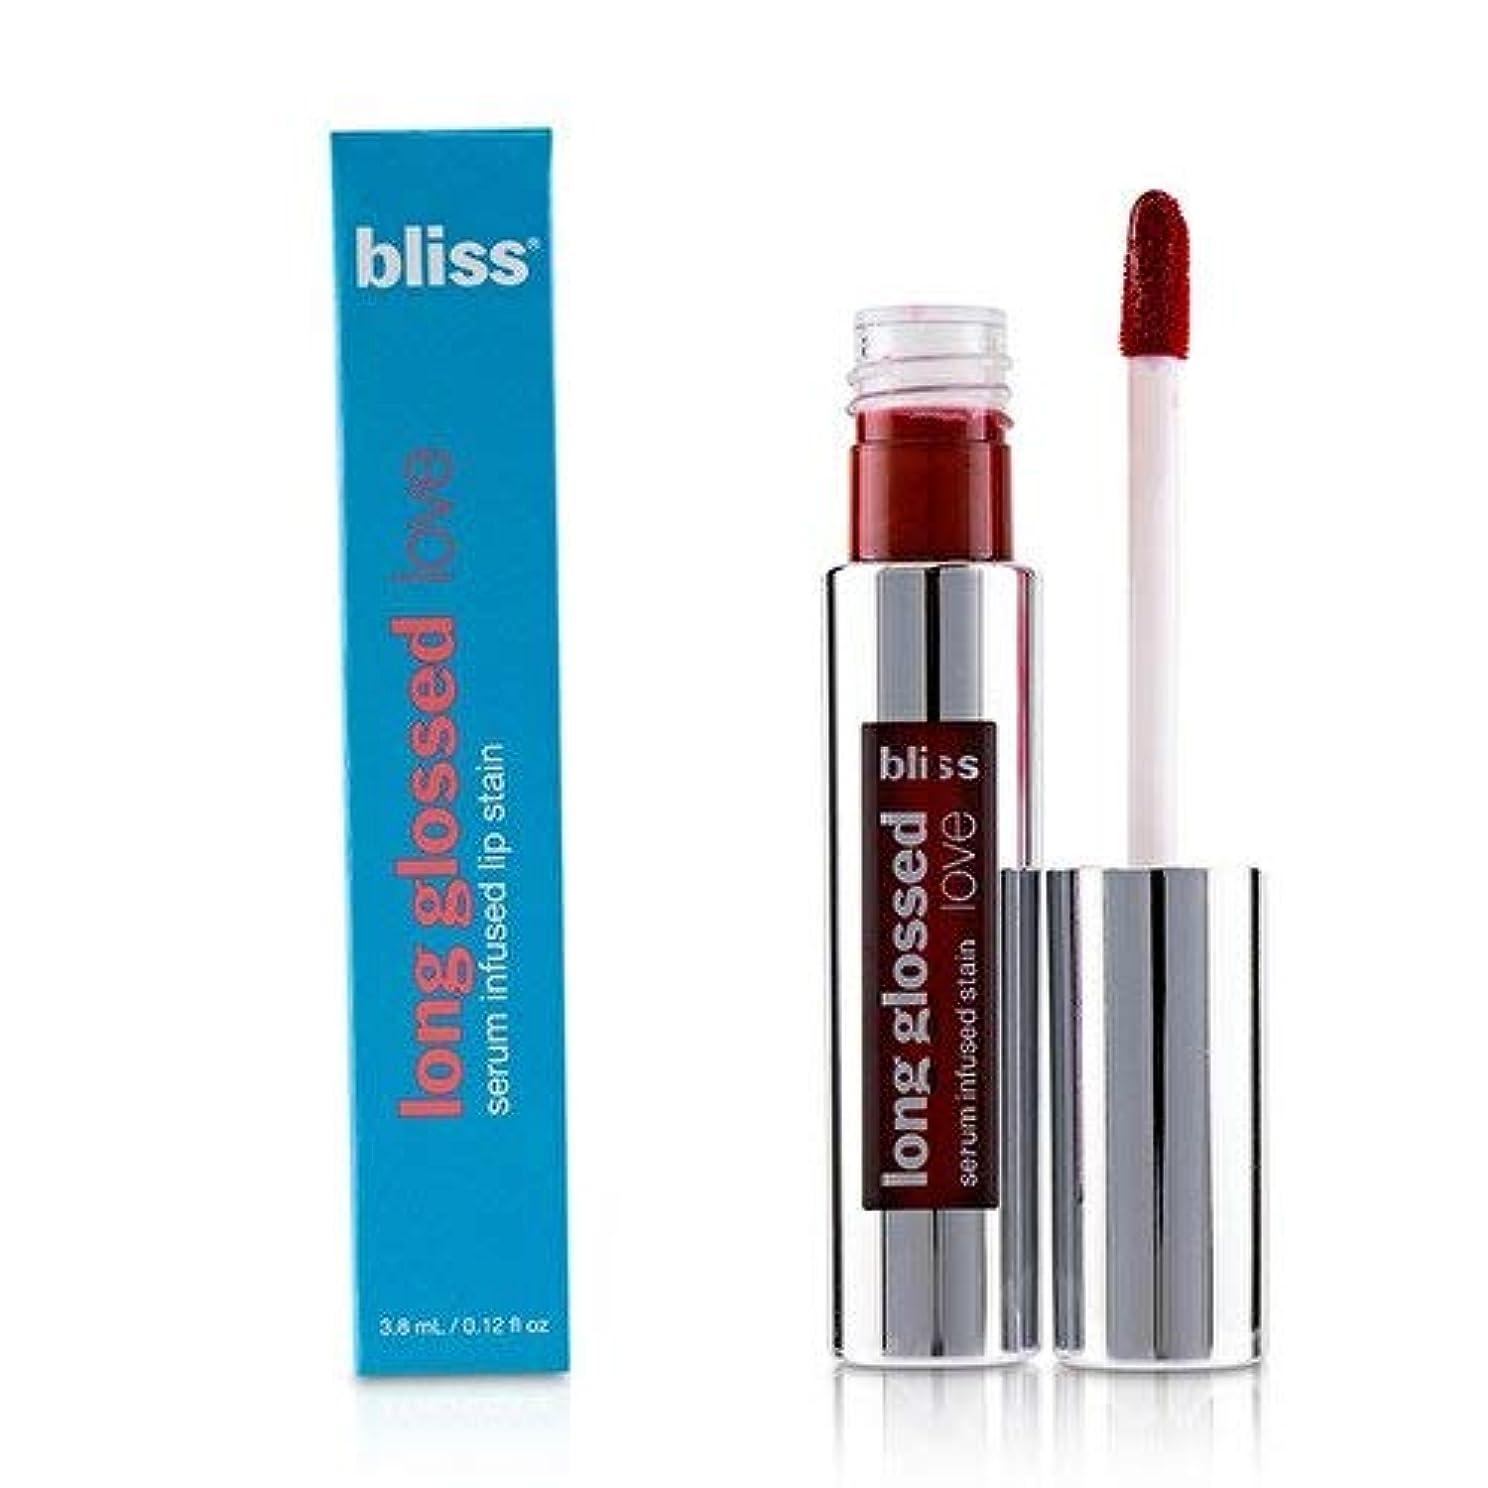 単に所有権発疹ブリス Long Glossed Love Serum Infused Lip Satin - # Red Hot Moma 3.8ml/0.12oz並行輸入品